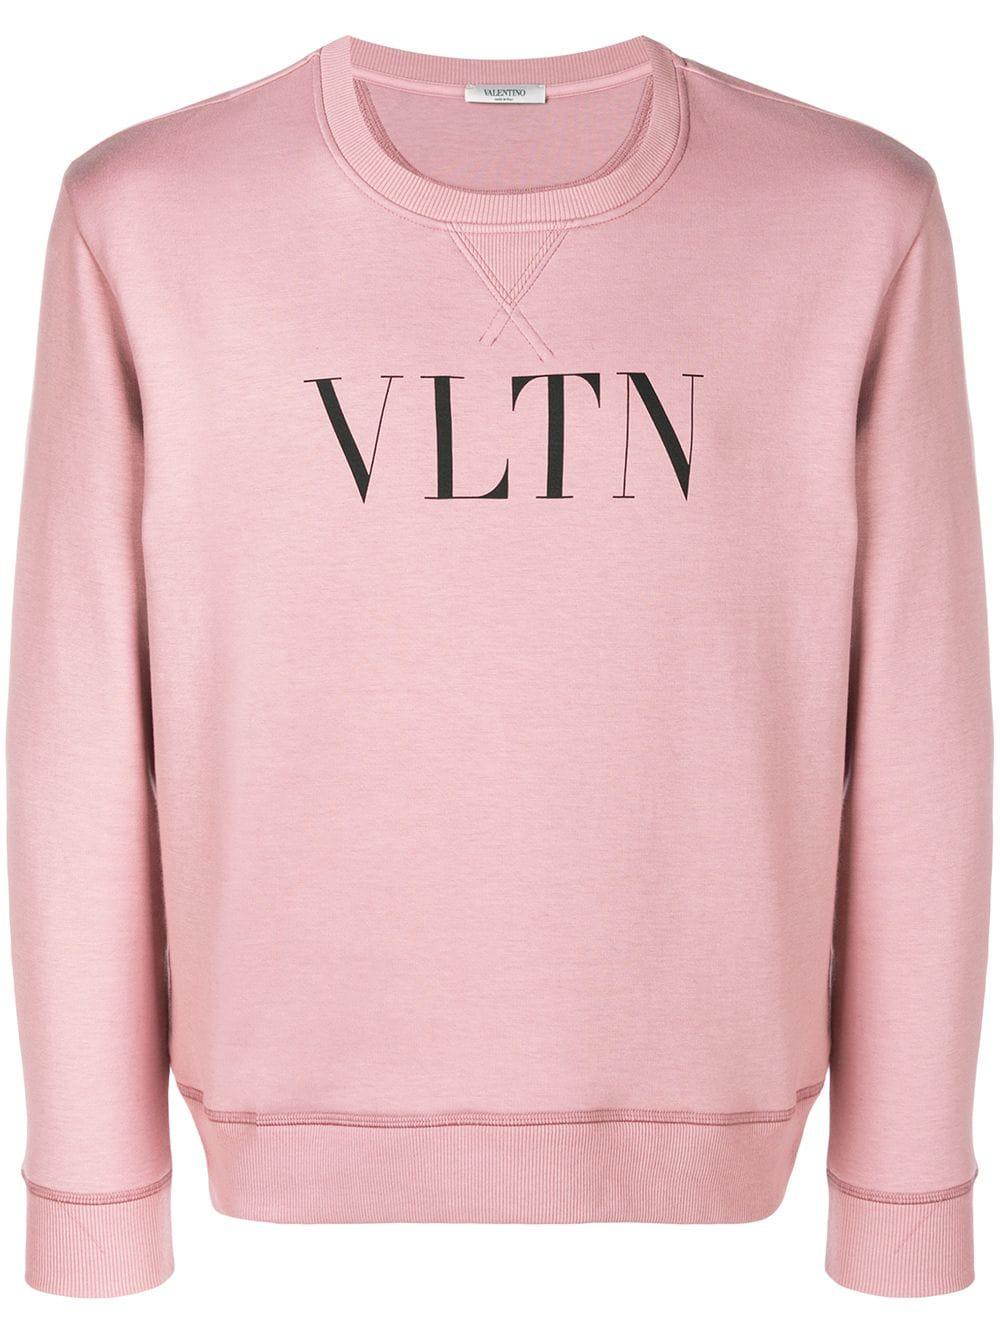 39c7a60dfd41 Valentino Men s Vltn Logo Typographic Sweatshirt